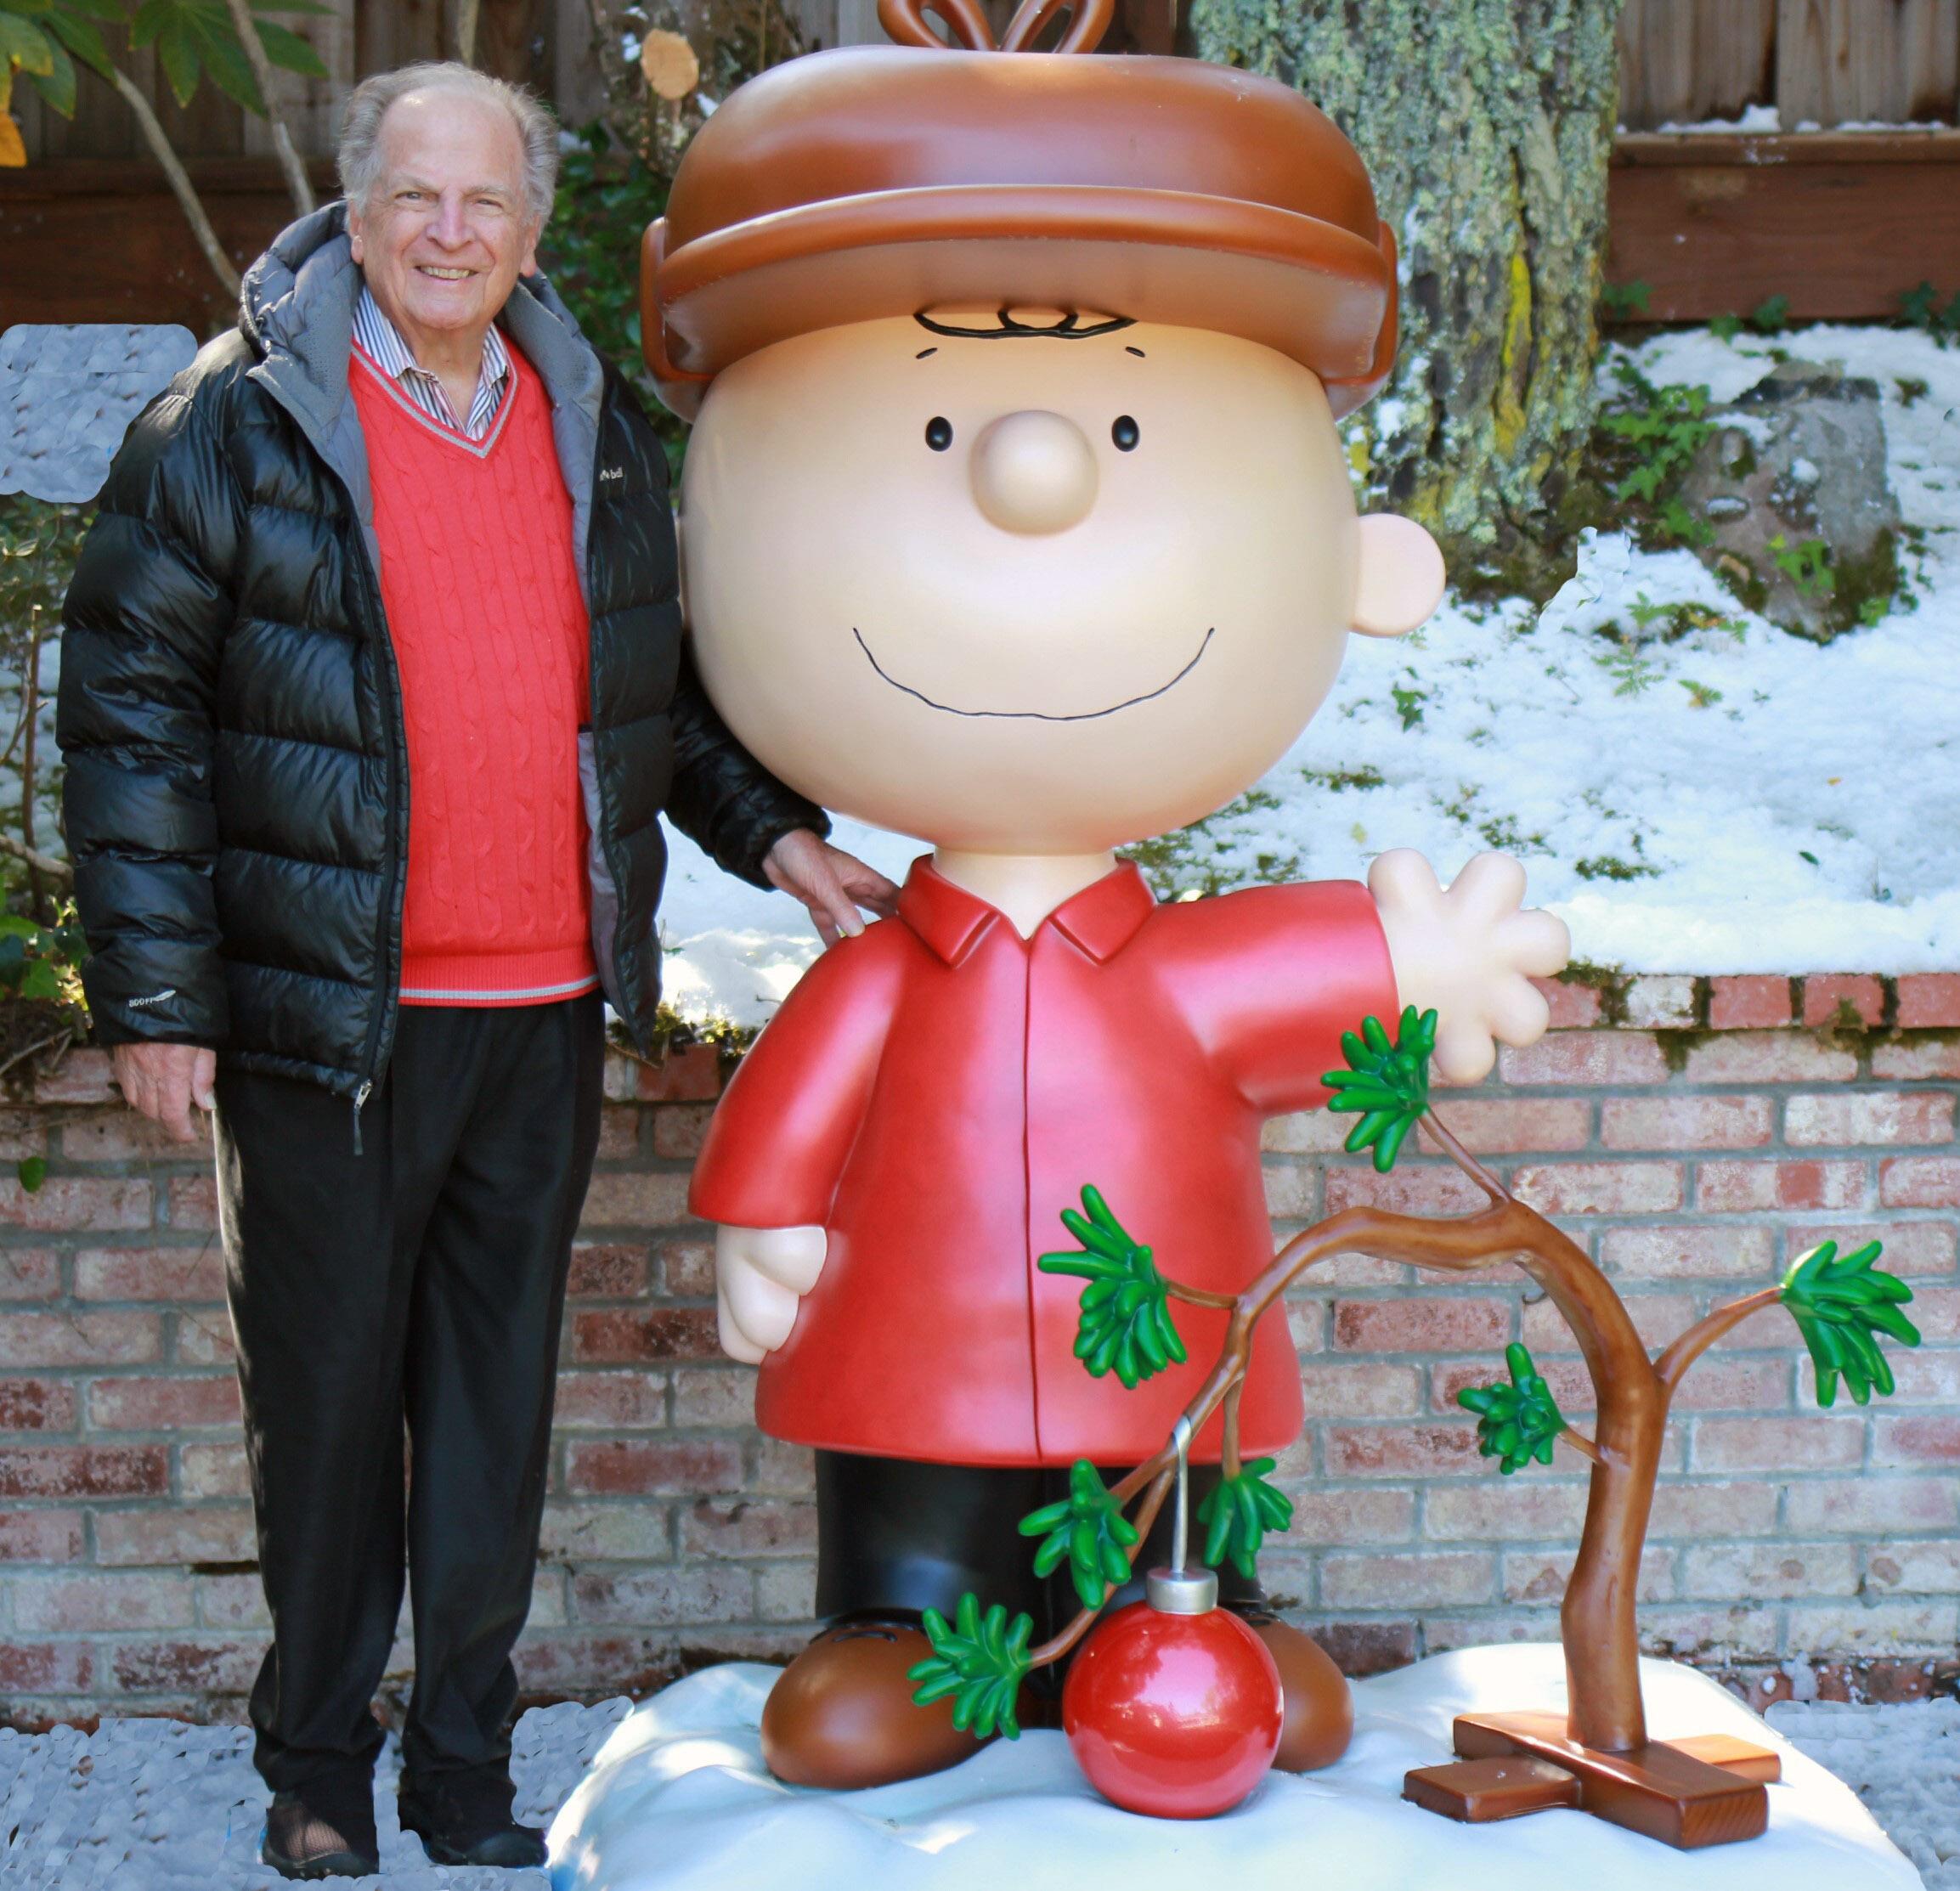 Lee Mendelson dies; brought Charlie Brown Christmas to TV